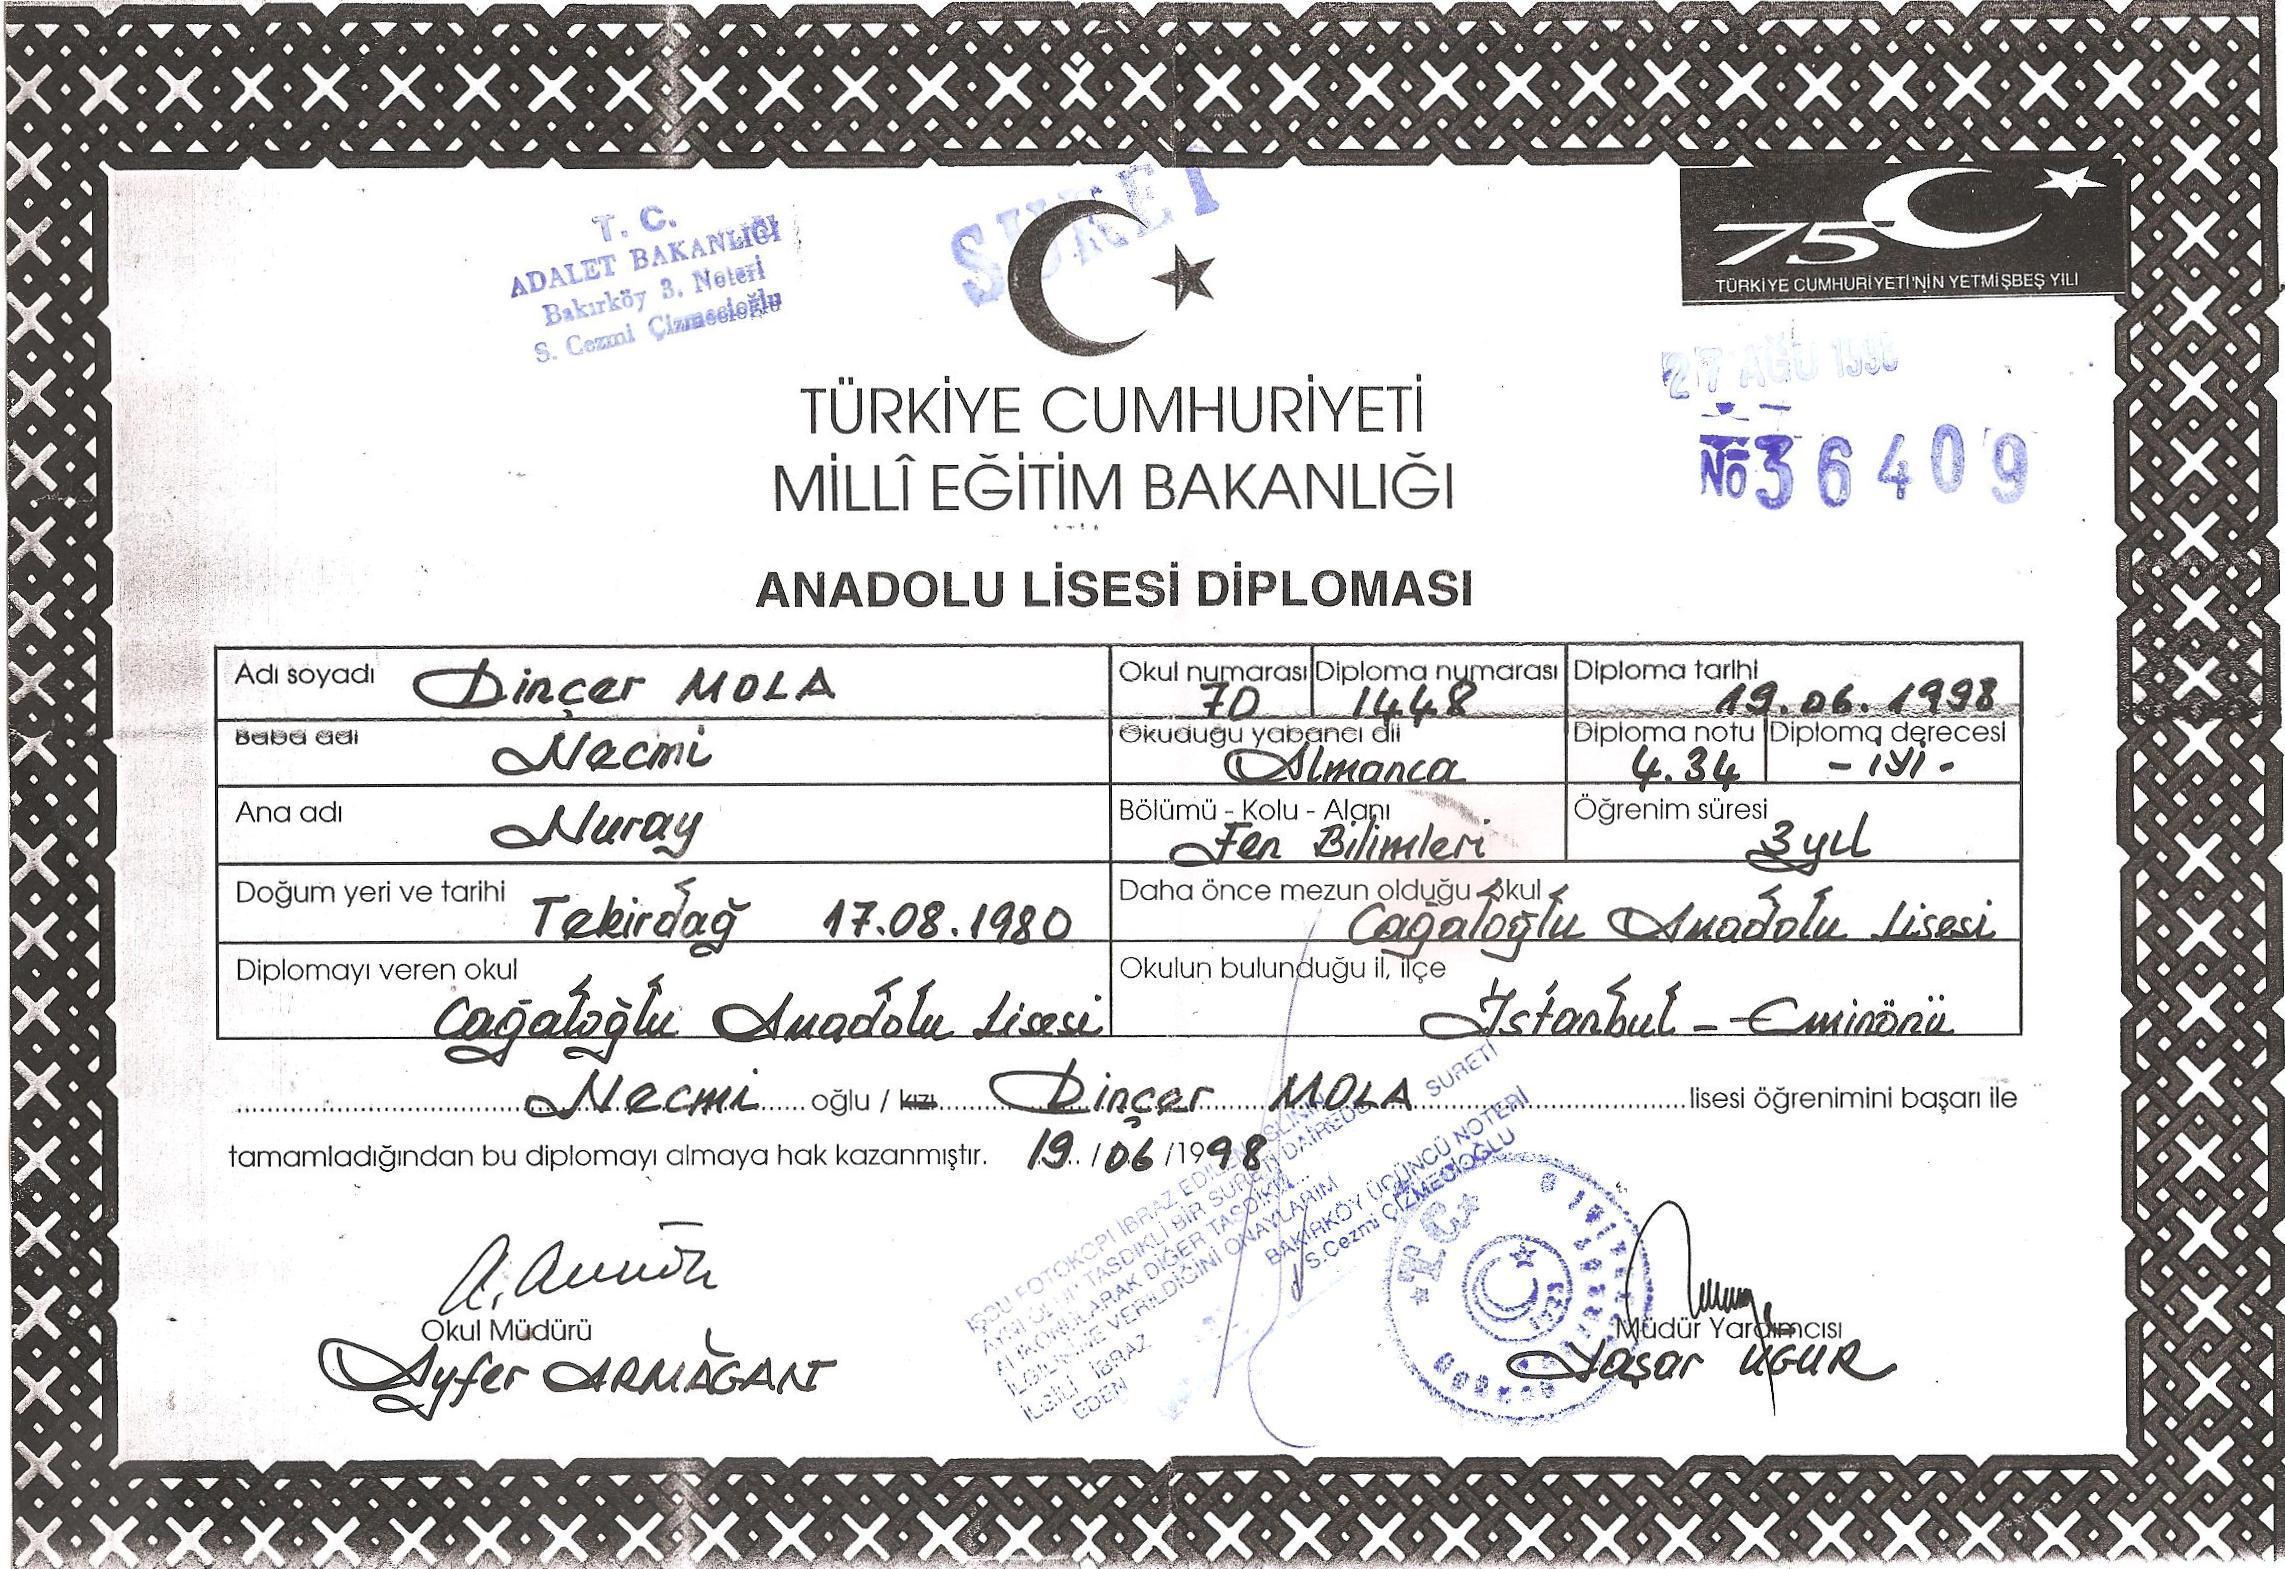 VE DİNÇER BÜYÜYOR / ANADOLU LİSESİ